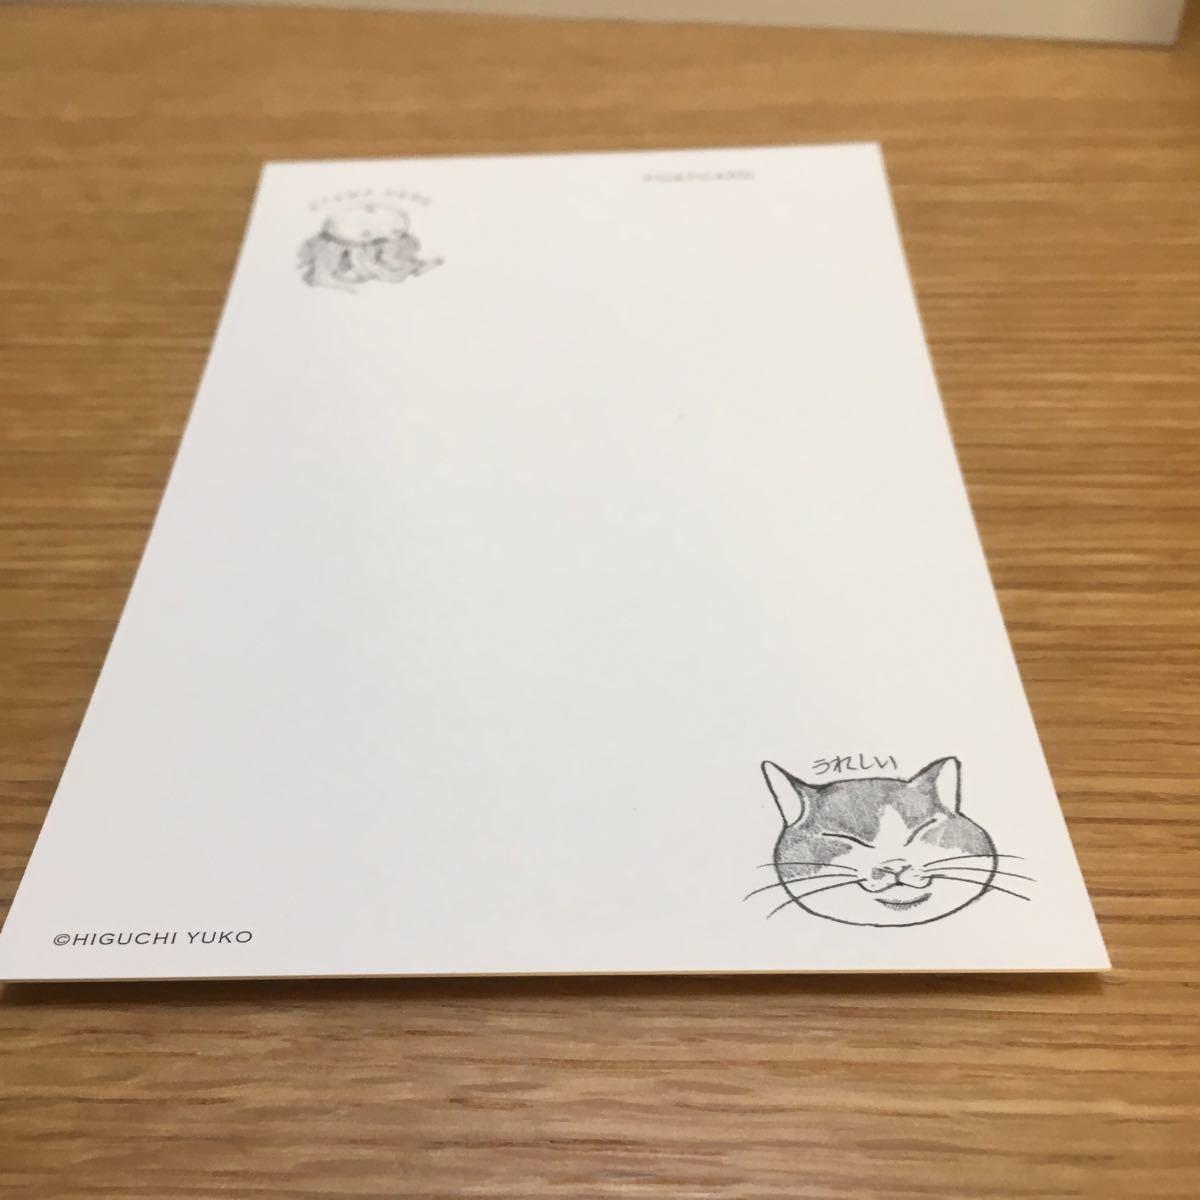 ヒグチユウコ ネコ ポストカード 葉書 ハガキ はがき メッセージカード 猫 ねこ 動物 穴 82_画像2